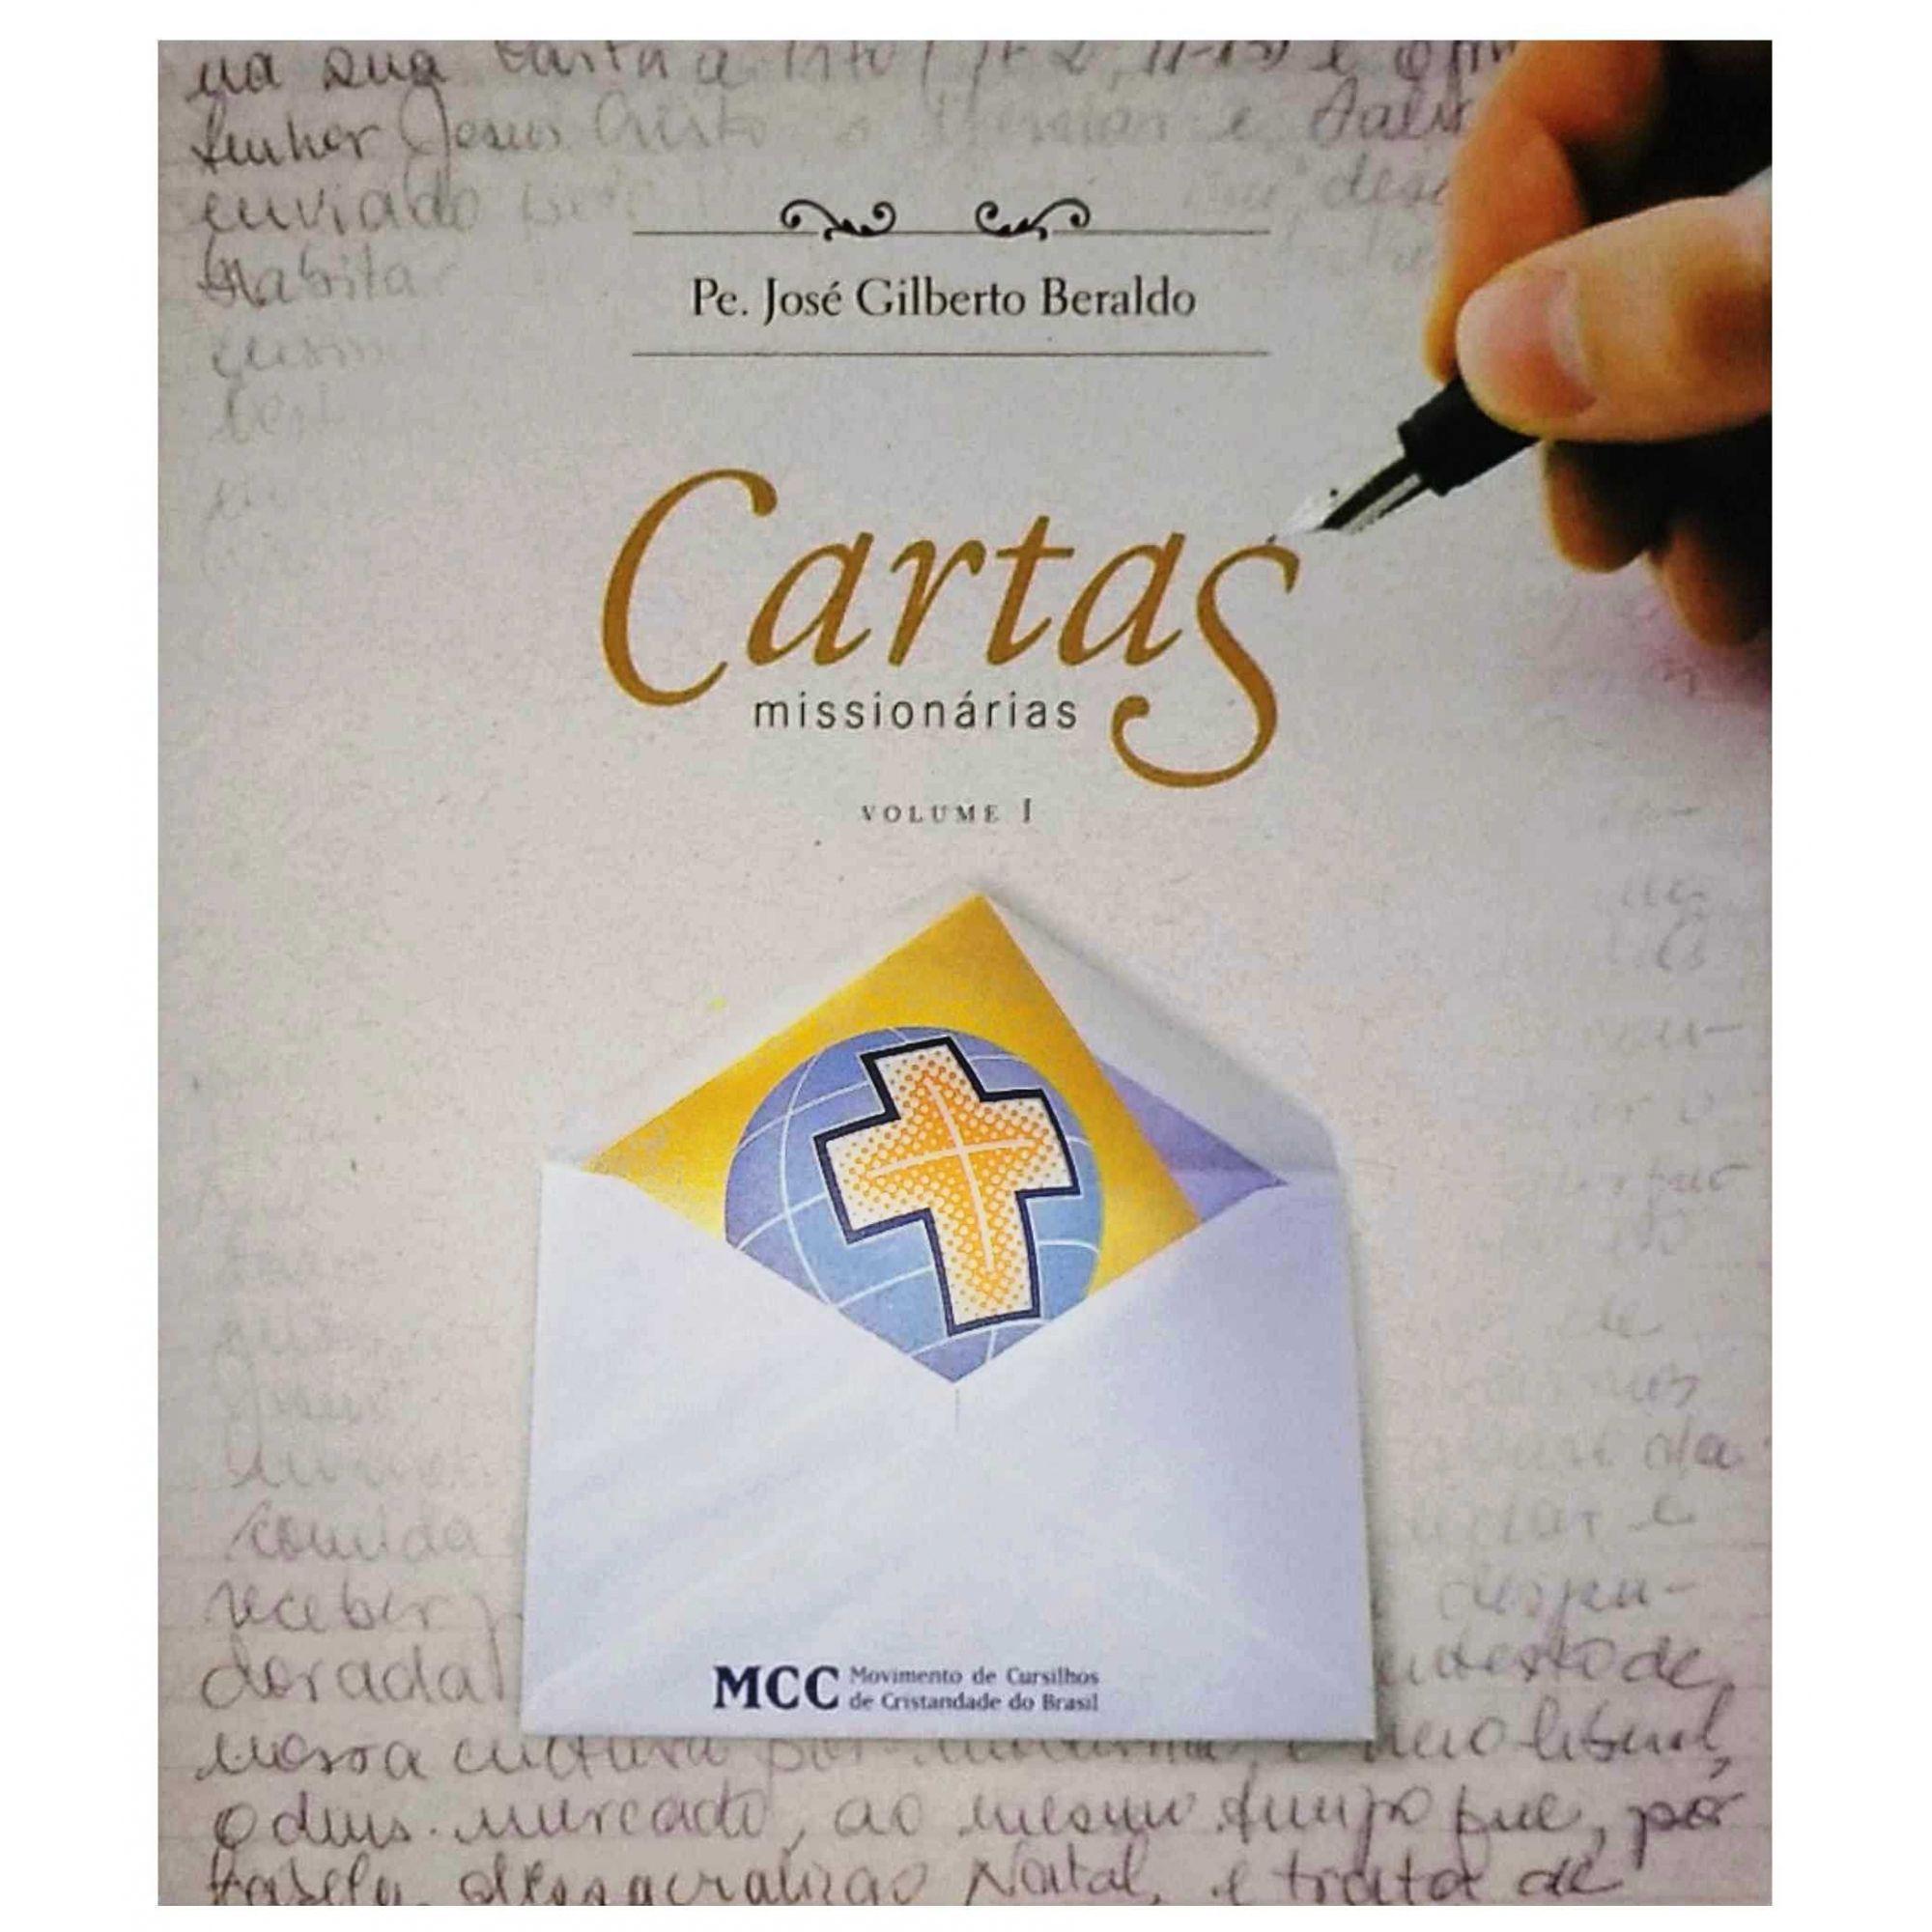 Livro Cartas Missionárias Vol. I  - Cursilho